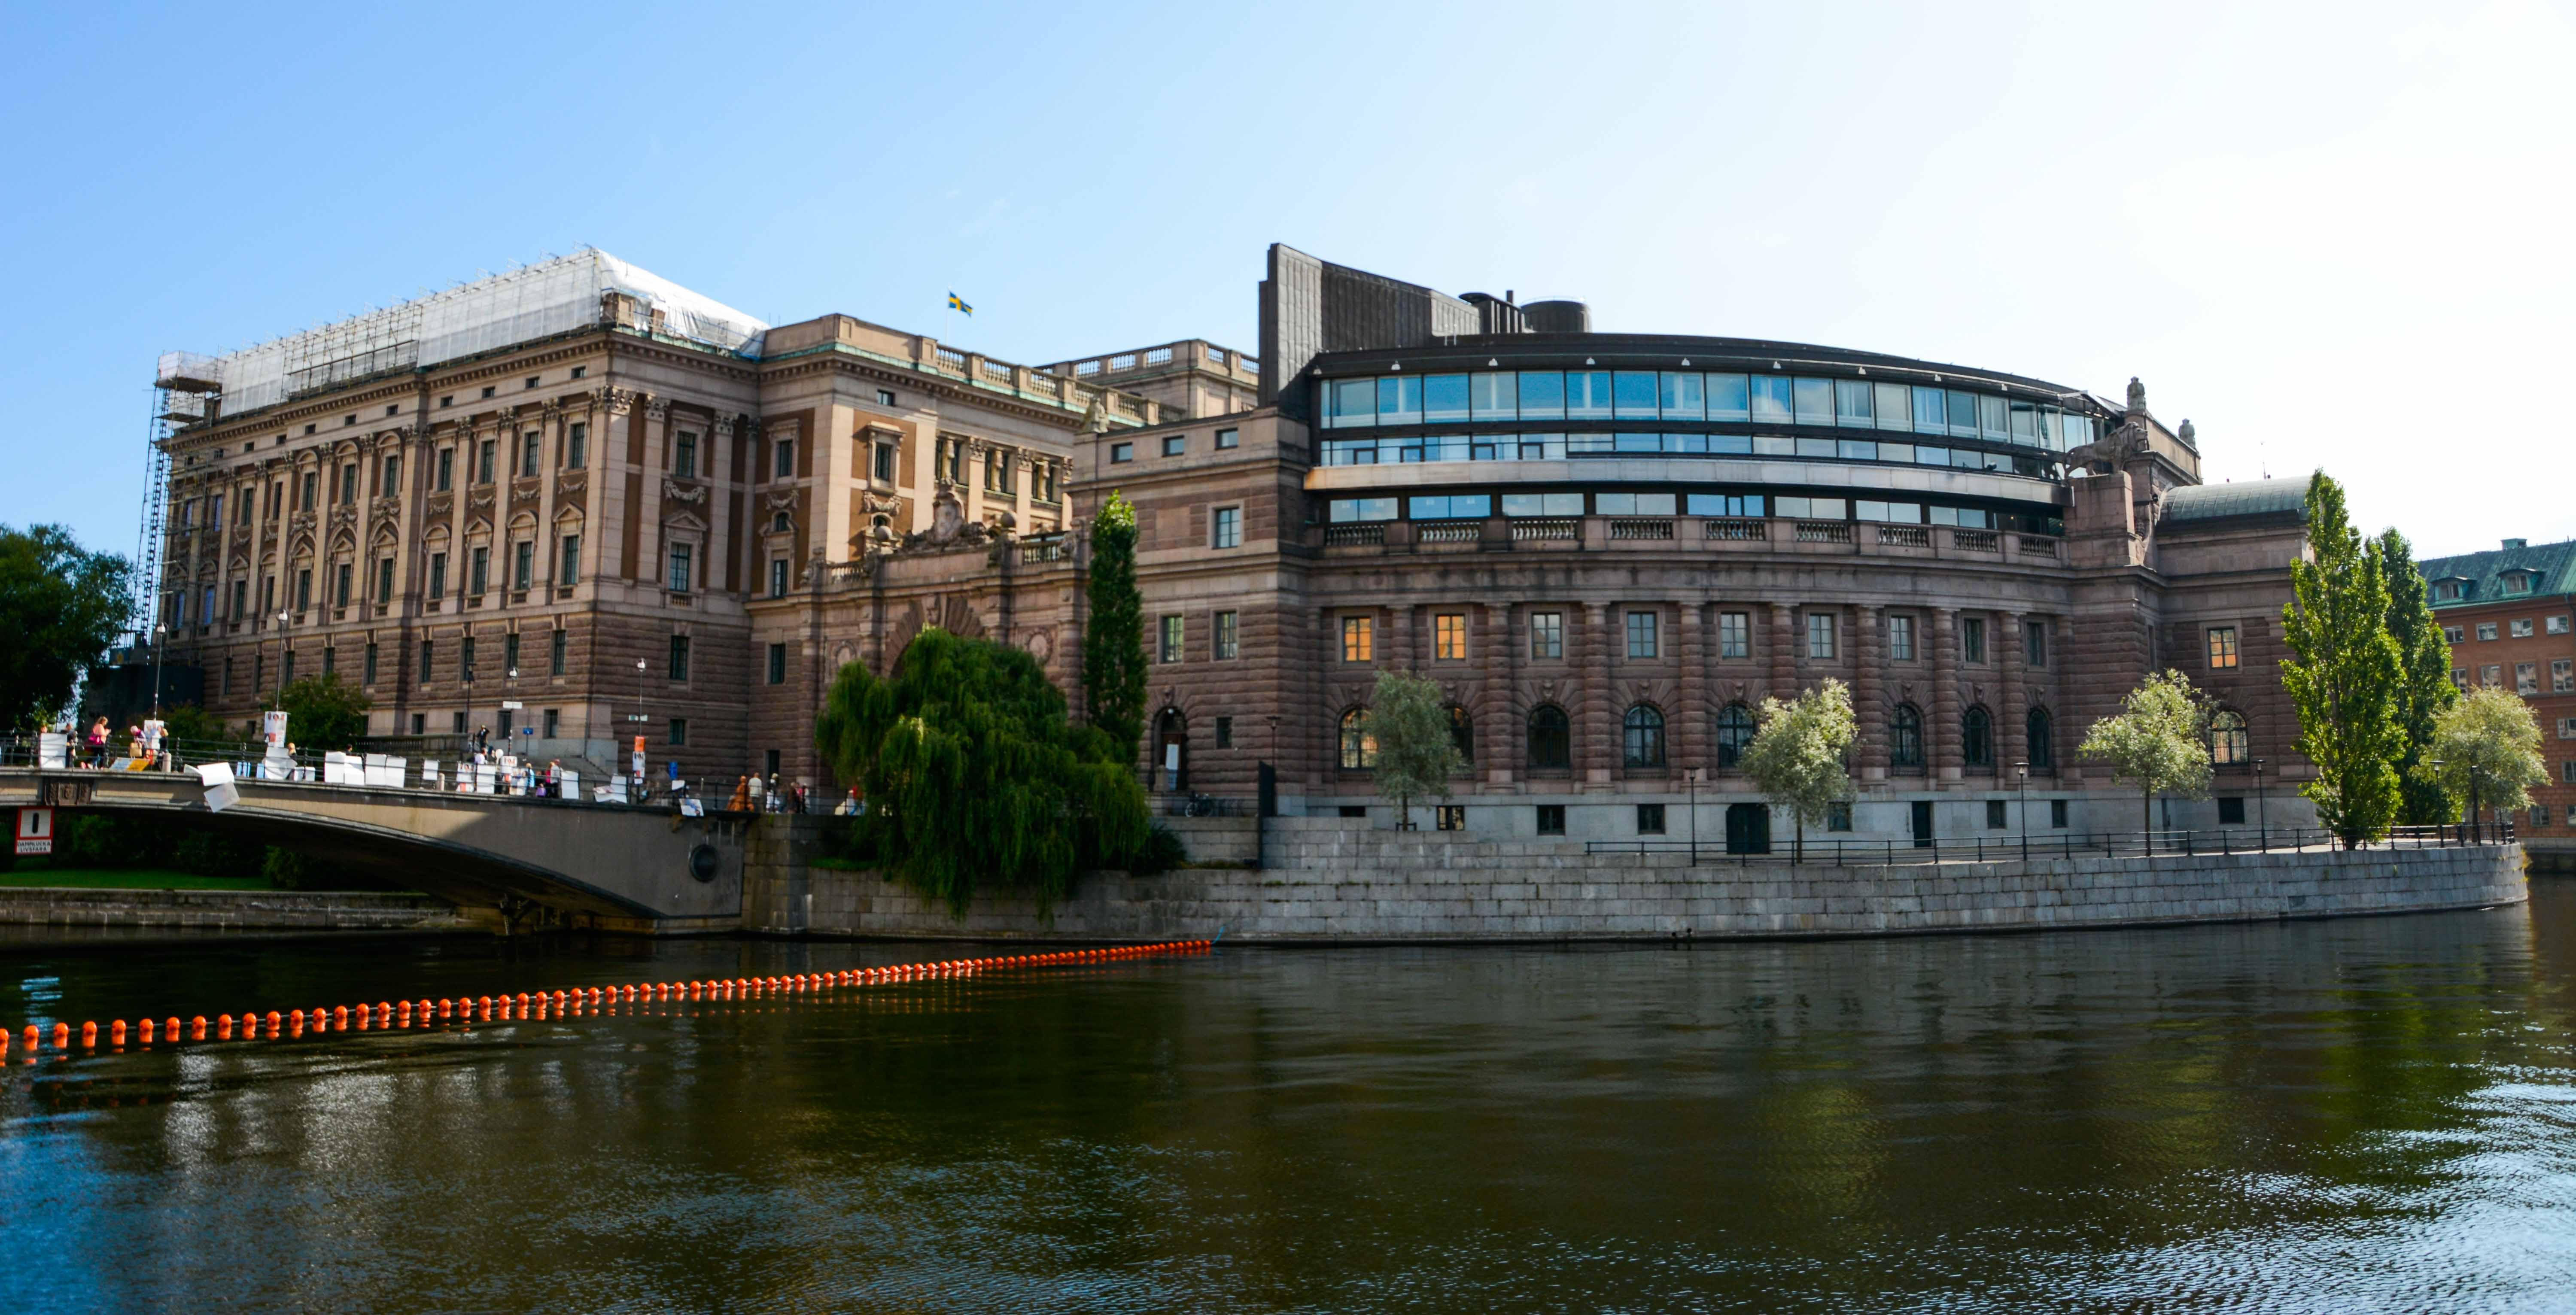 Das Reichstagsgebäude auf der Insel Helgeandsholmen in Stockholm